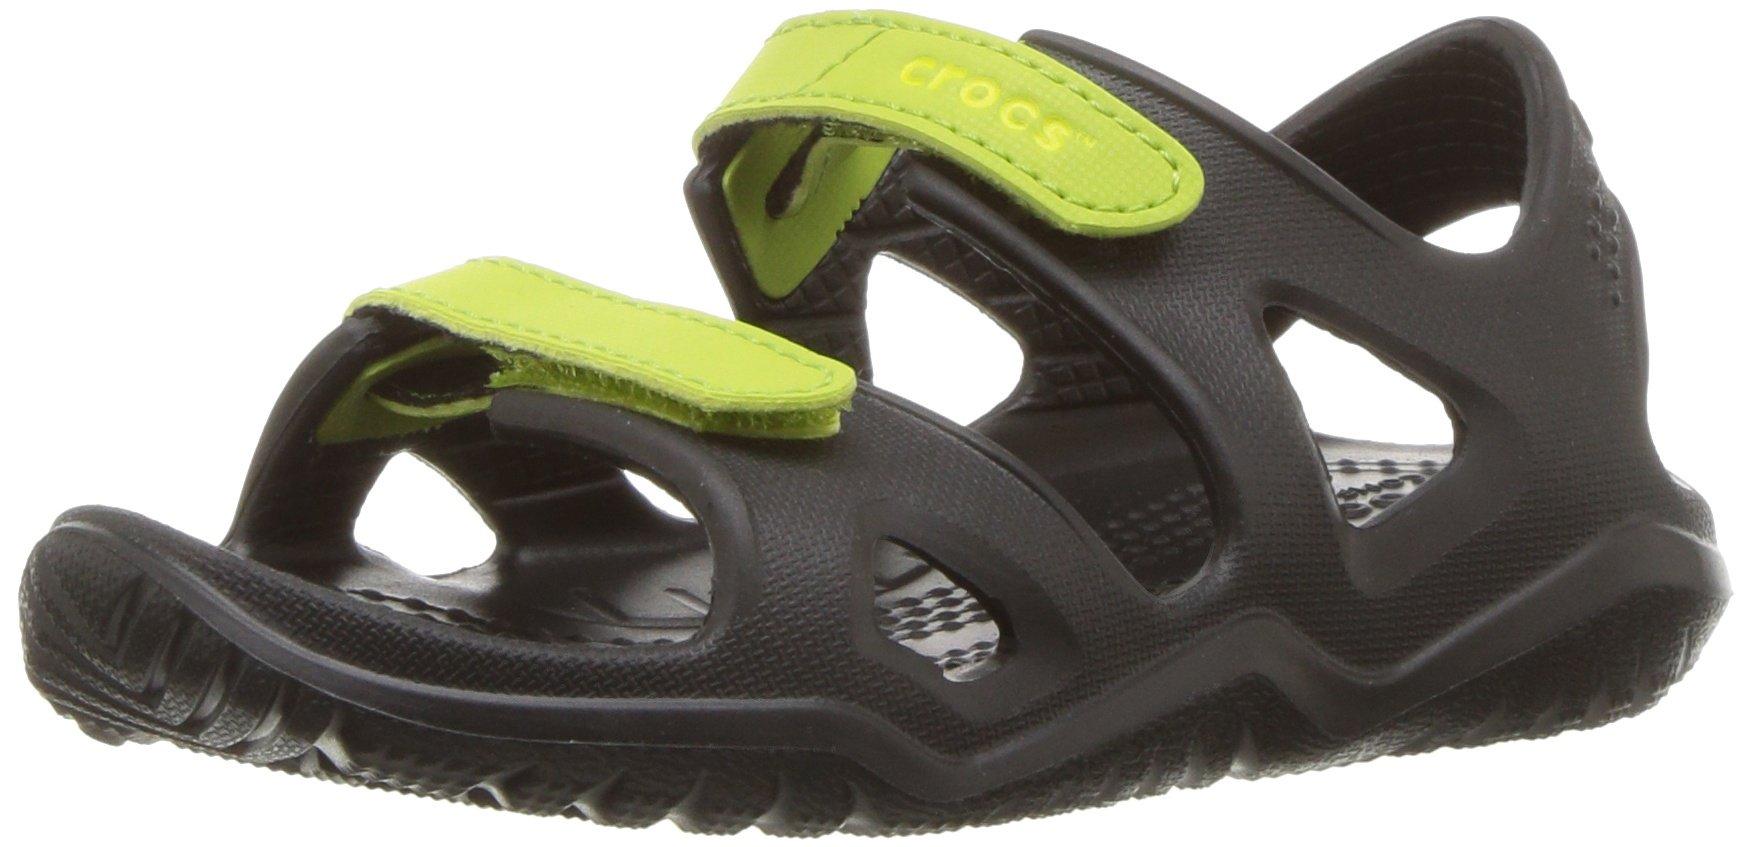 Crocs unisex-kids Swiftwater River Sandal Sandal, black/volt green, 9 M US Toddler